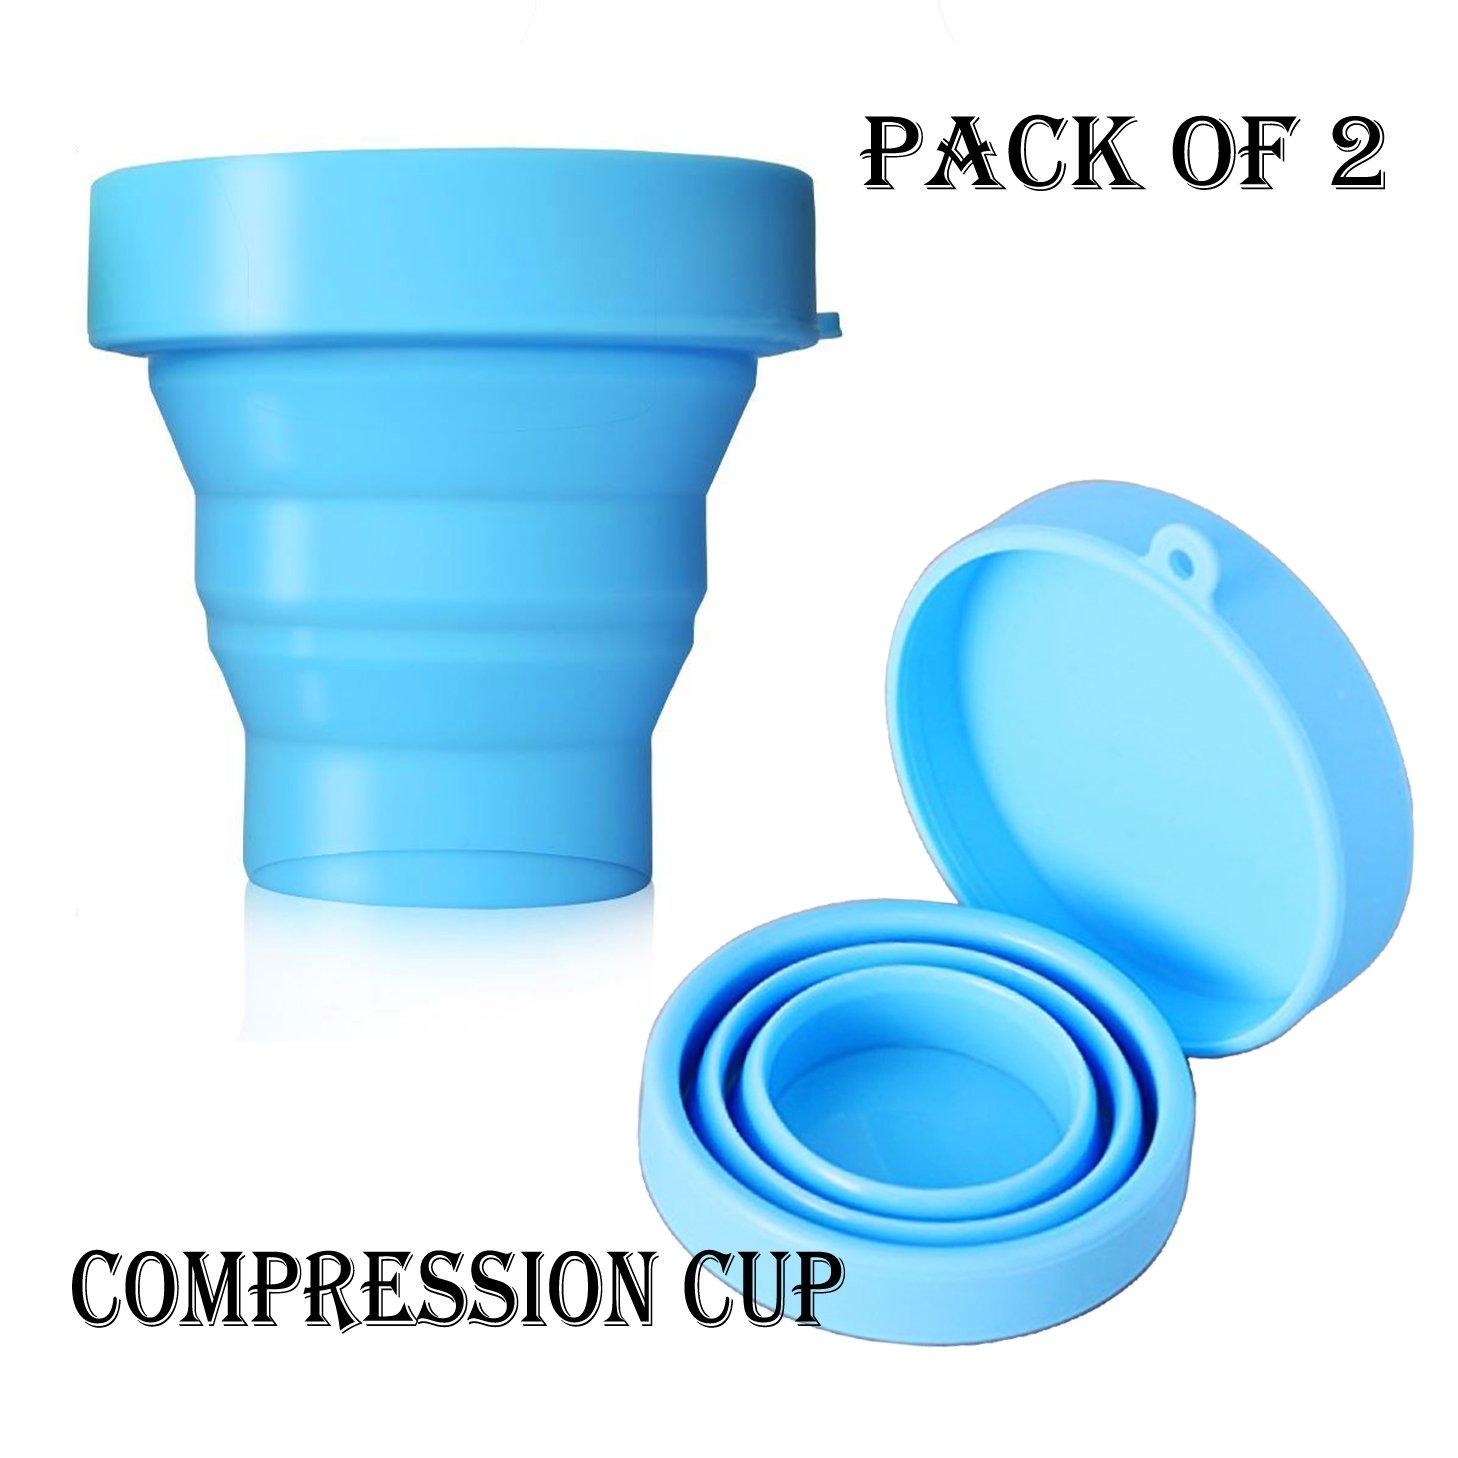 ポータブルシリコン折りたたみ可能なカップキャンプカップ170 ml旅行ハイキング、キャンプ、ピクニック、ホーム飲料水、コーヒー、お茶2個のパック B07C2QWS3Y